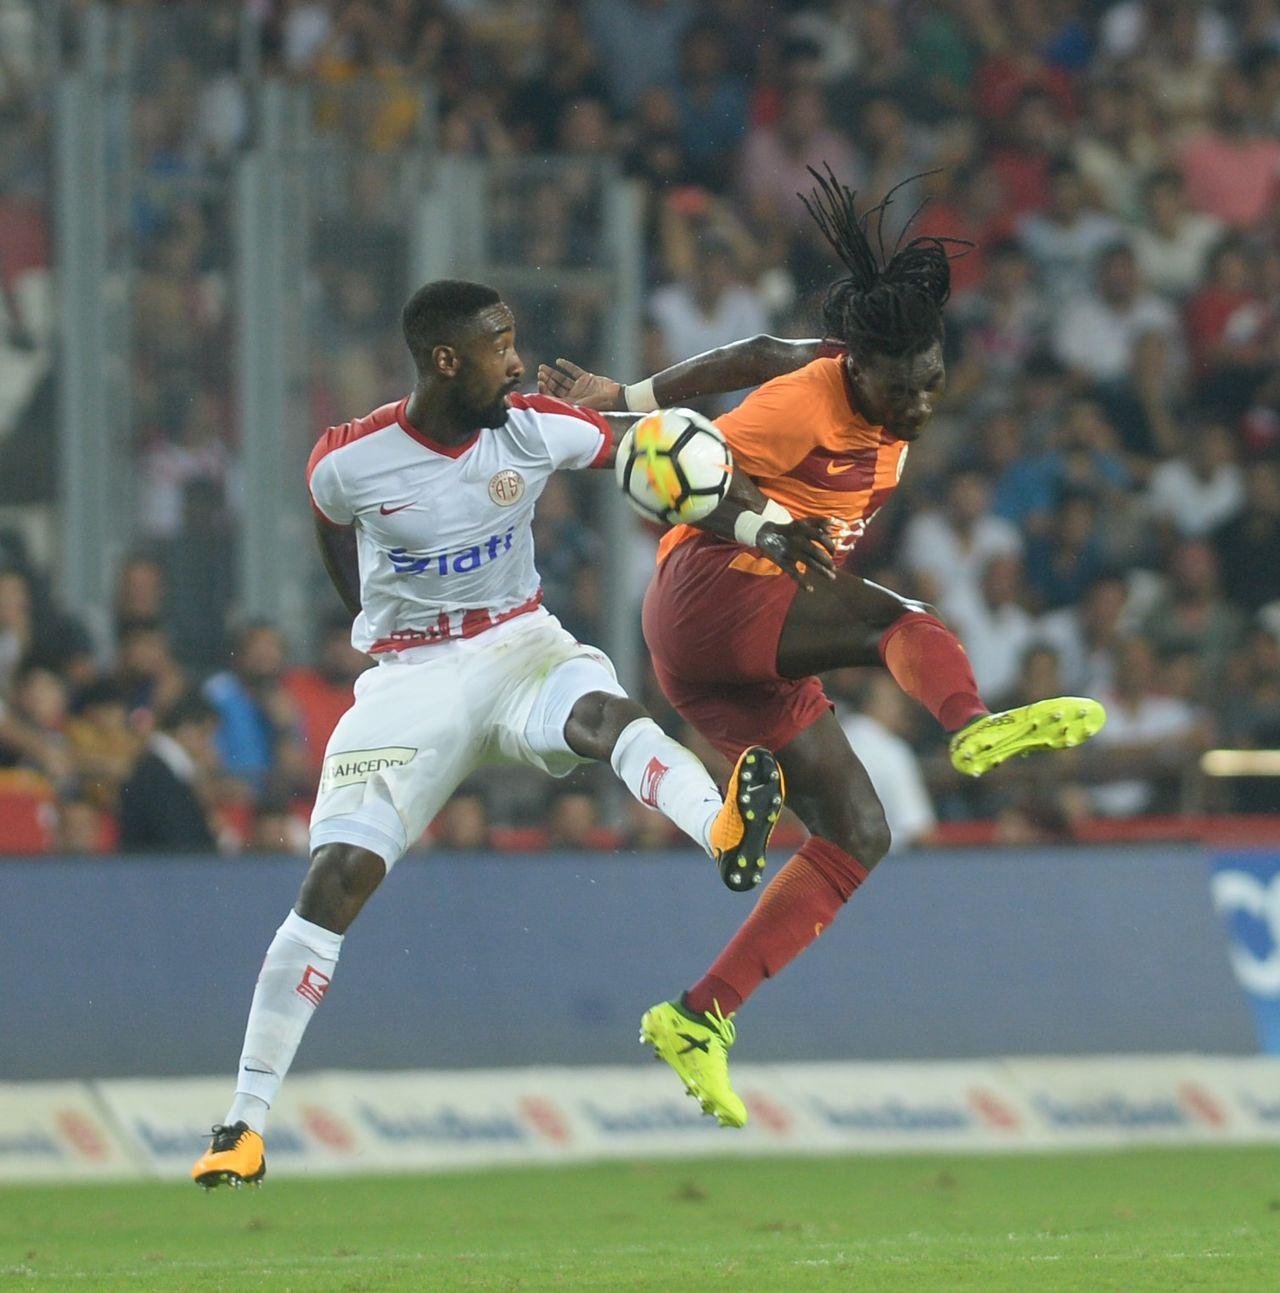 Djourou a porté pendant une saison les couleurs d'Antalyaspor. [Suleyman Elcin - AFP]